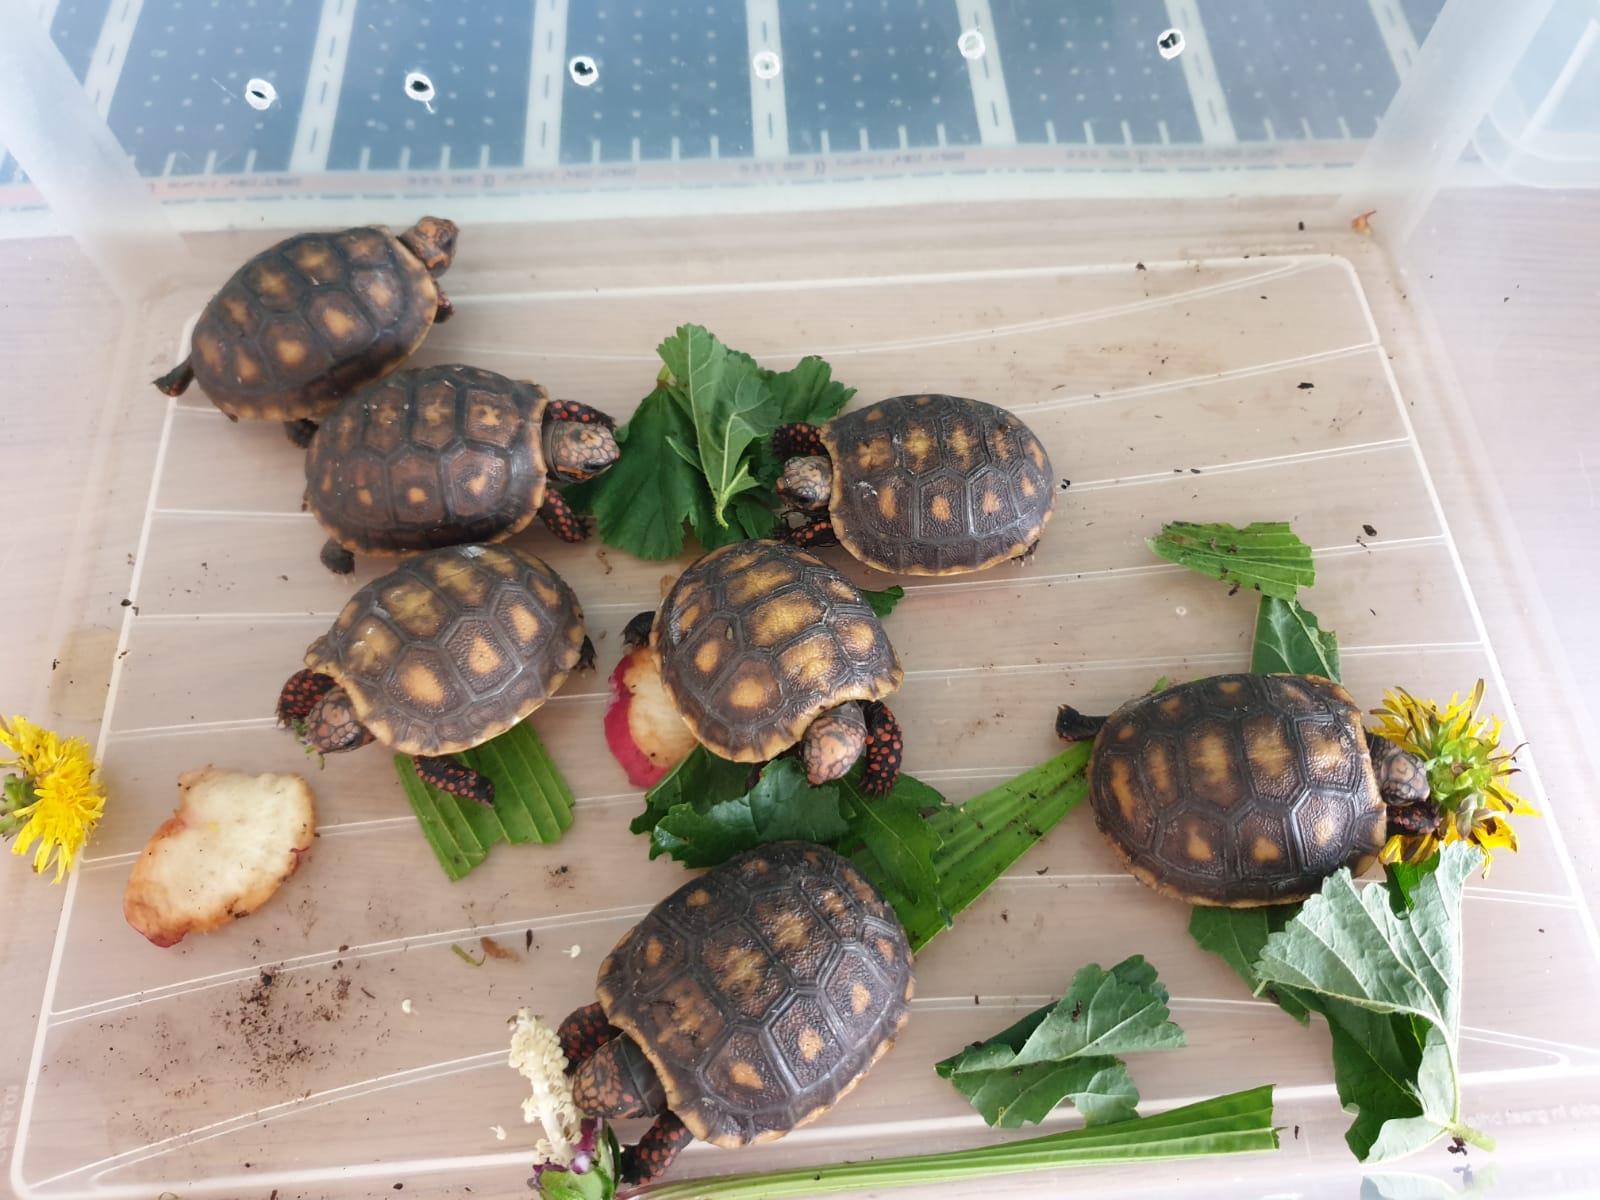 UK CB 2019 Red Foot tortoises available-img-20190904-wa0032_1568897805001.jpg